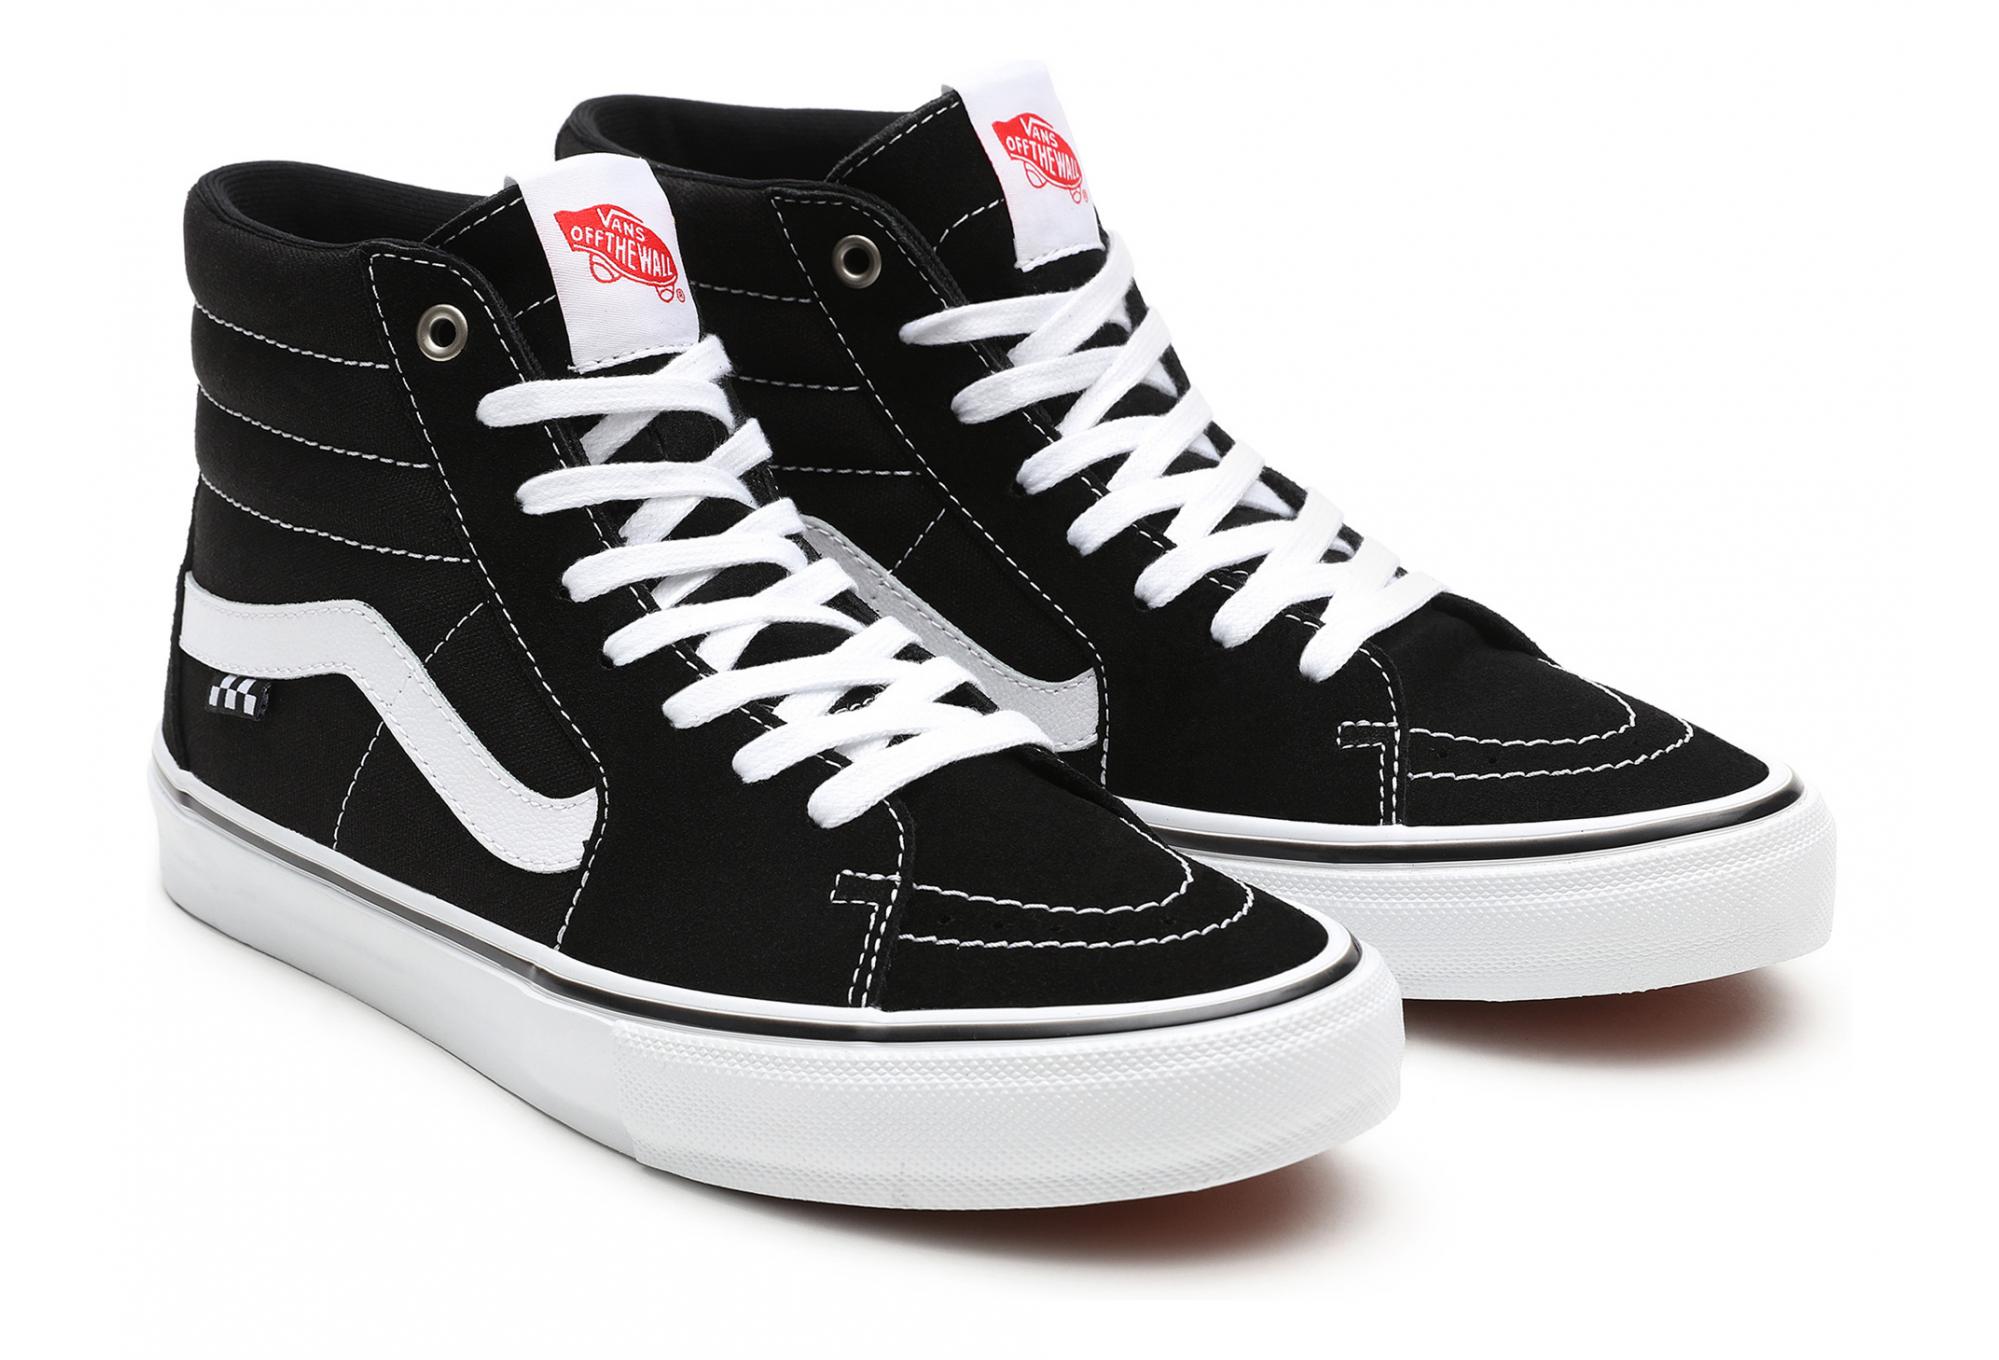 Chaussures Skate Vans SK8-Hi Noir/Blanc | Alltricks.fr